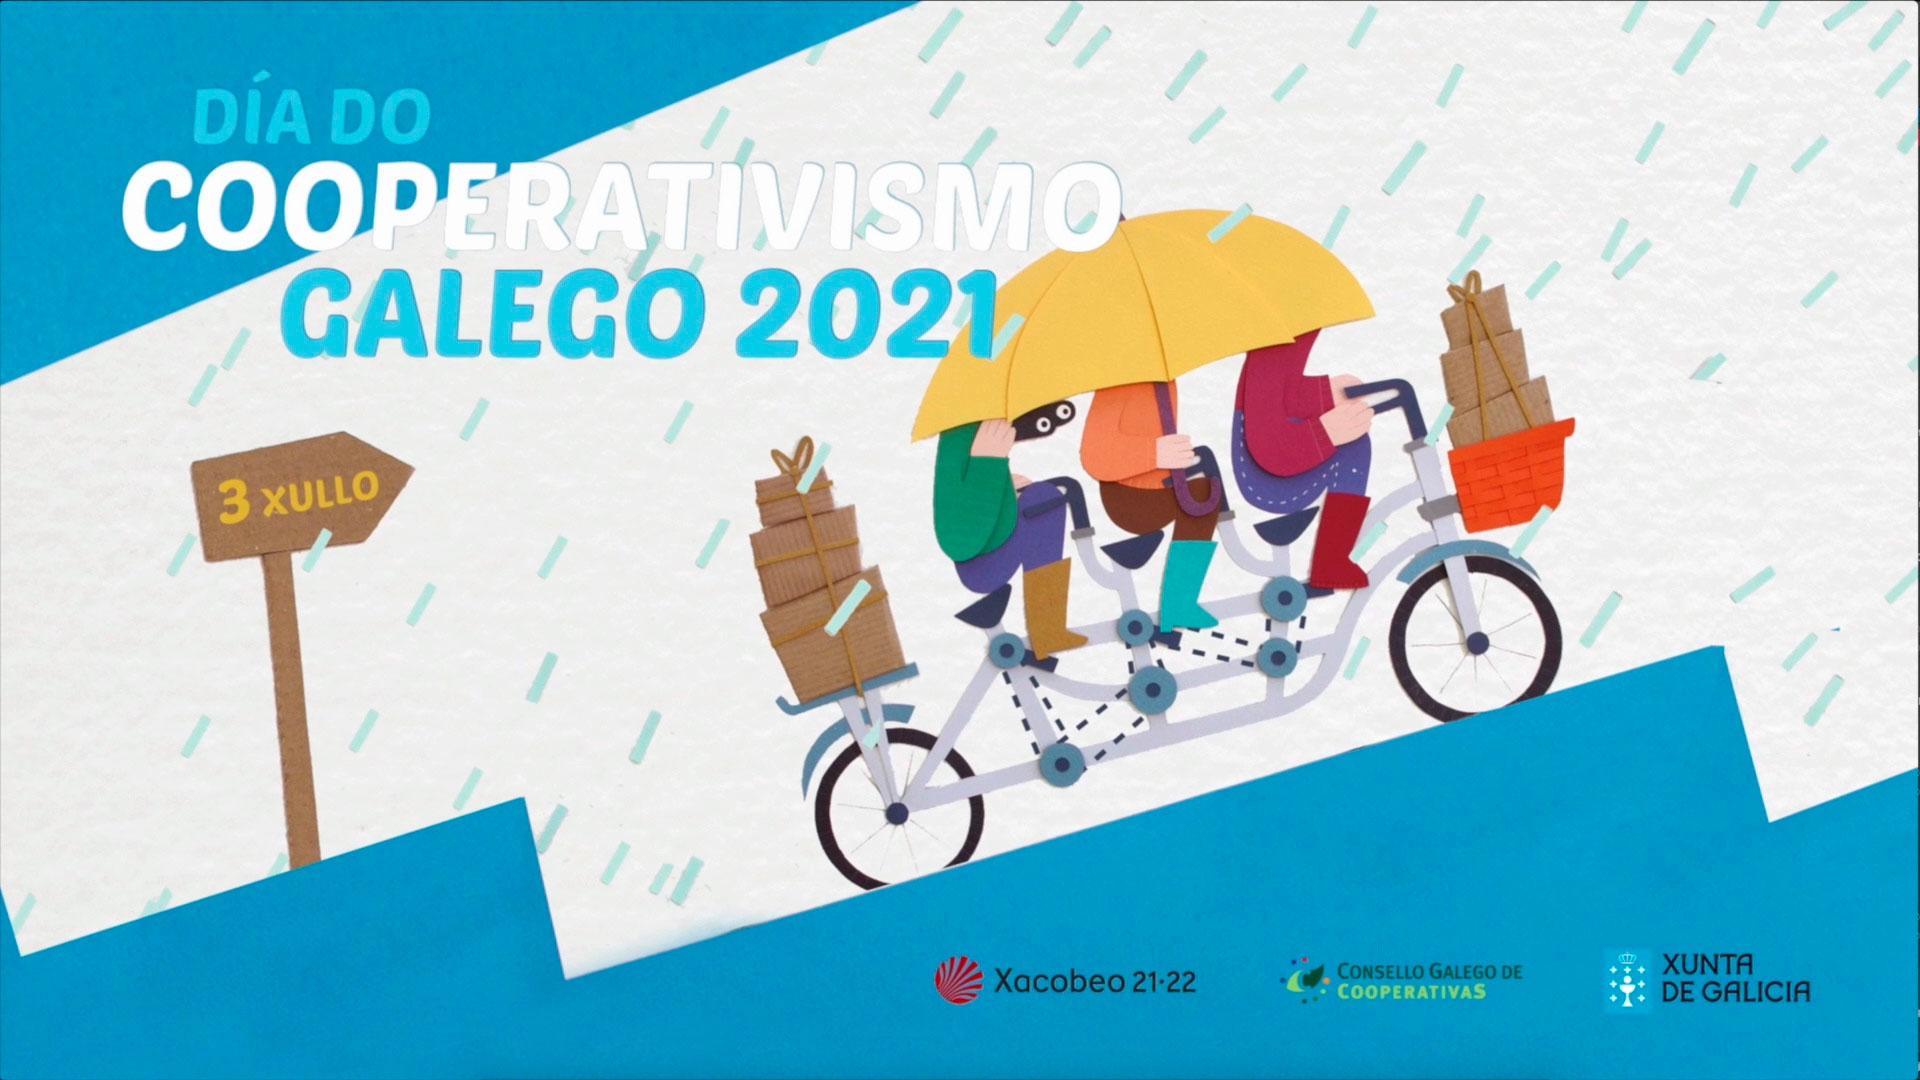 Día do Cooperativismo Galego 2021